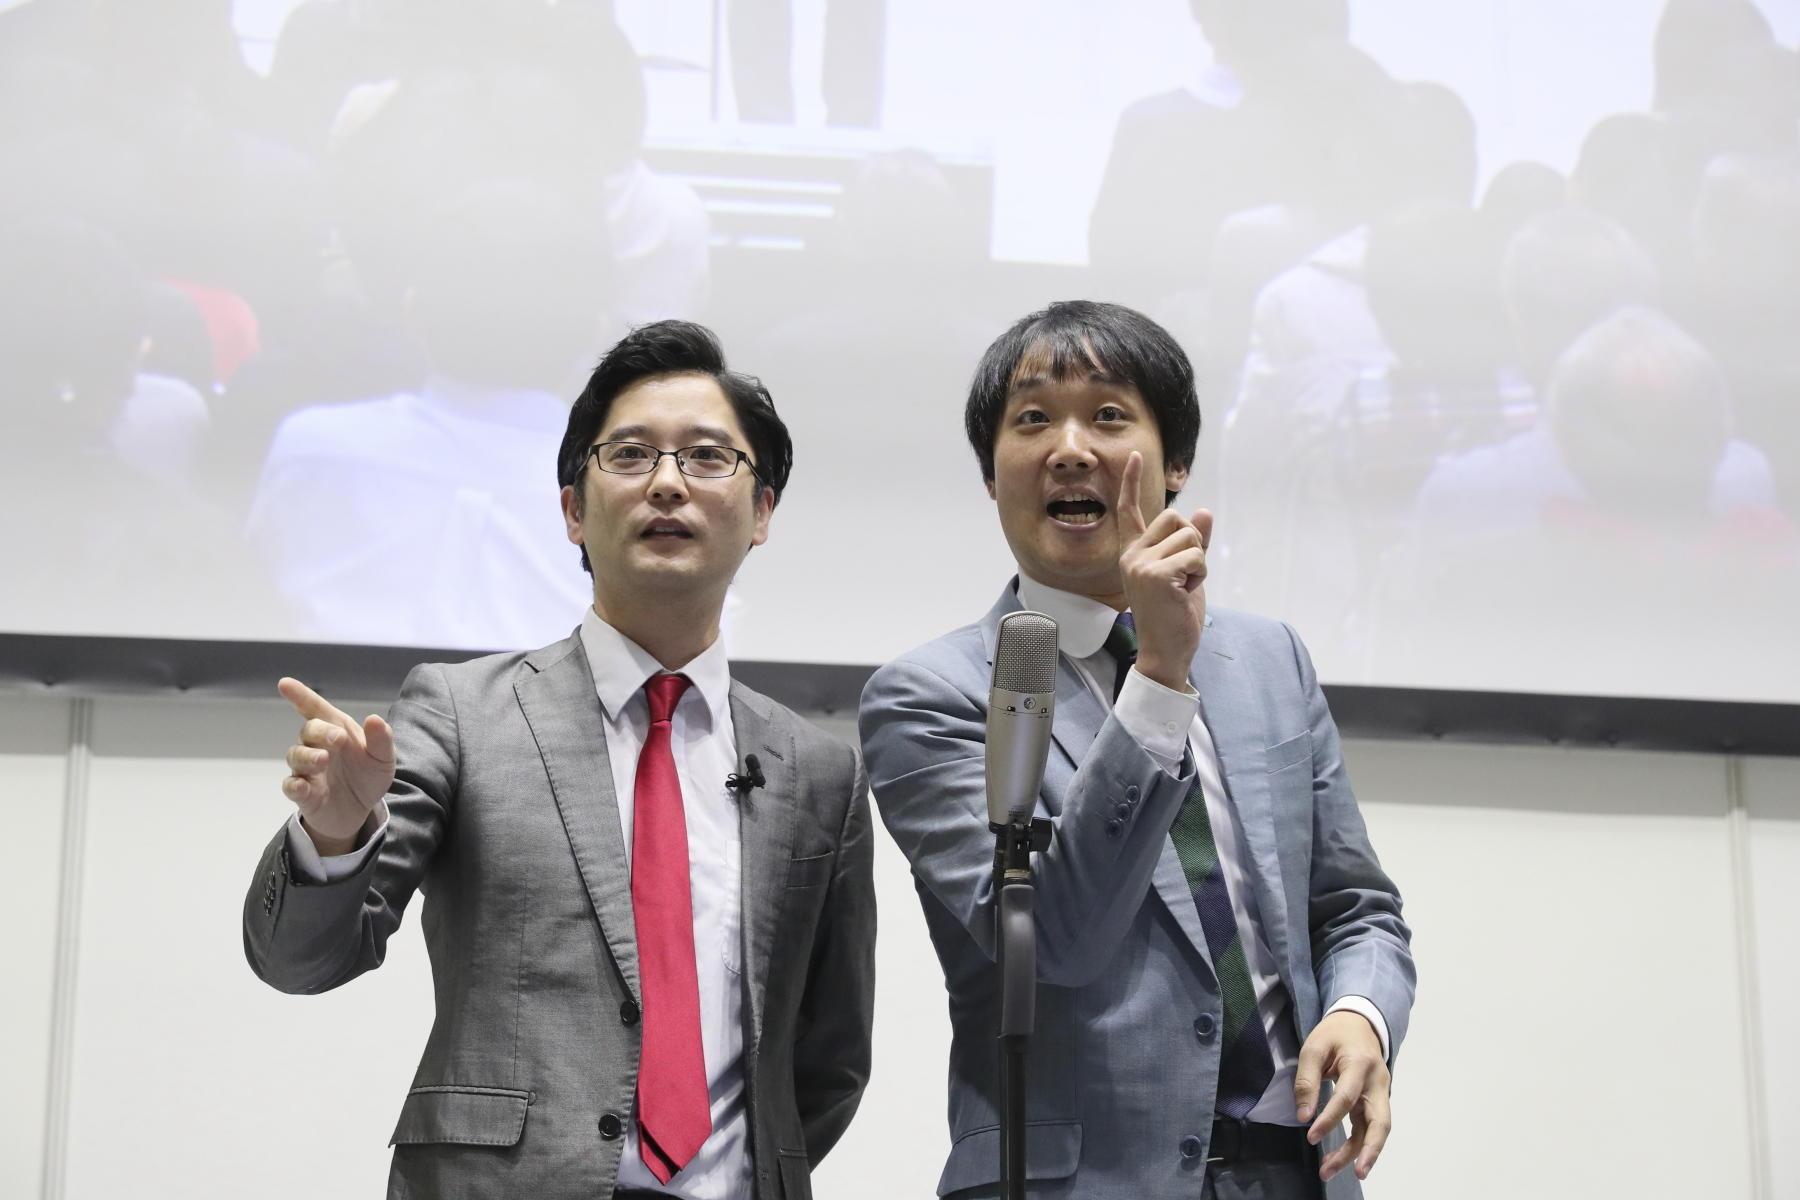 http://news.yoshimoto.co.jp/20181208231944-fe91a5e1772d75a7d9d6e0fecbc19647d879123b.jpg